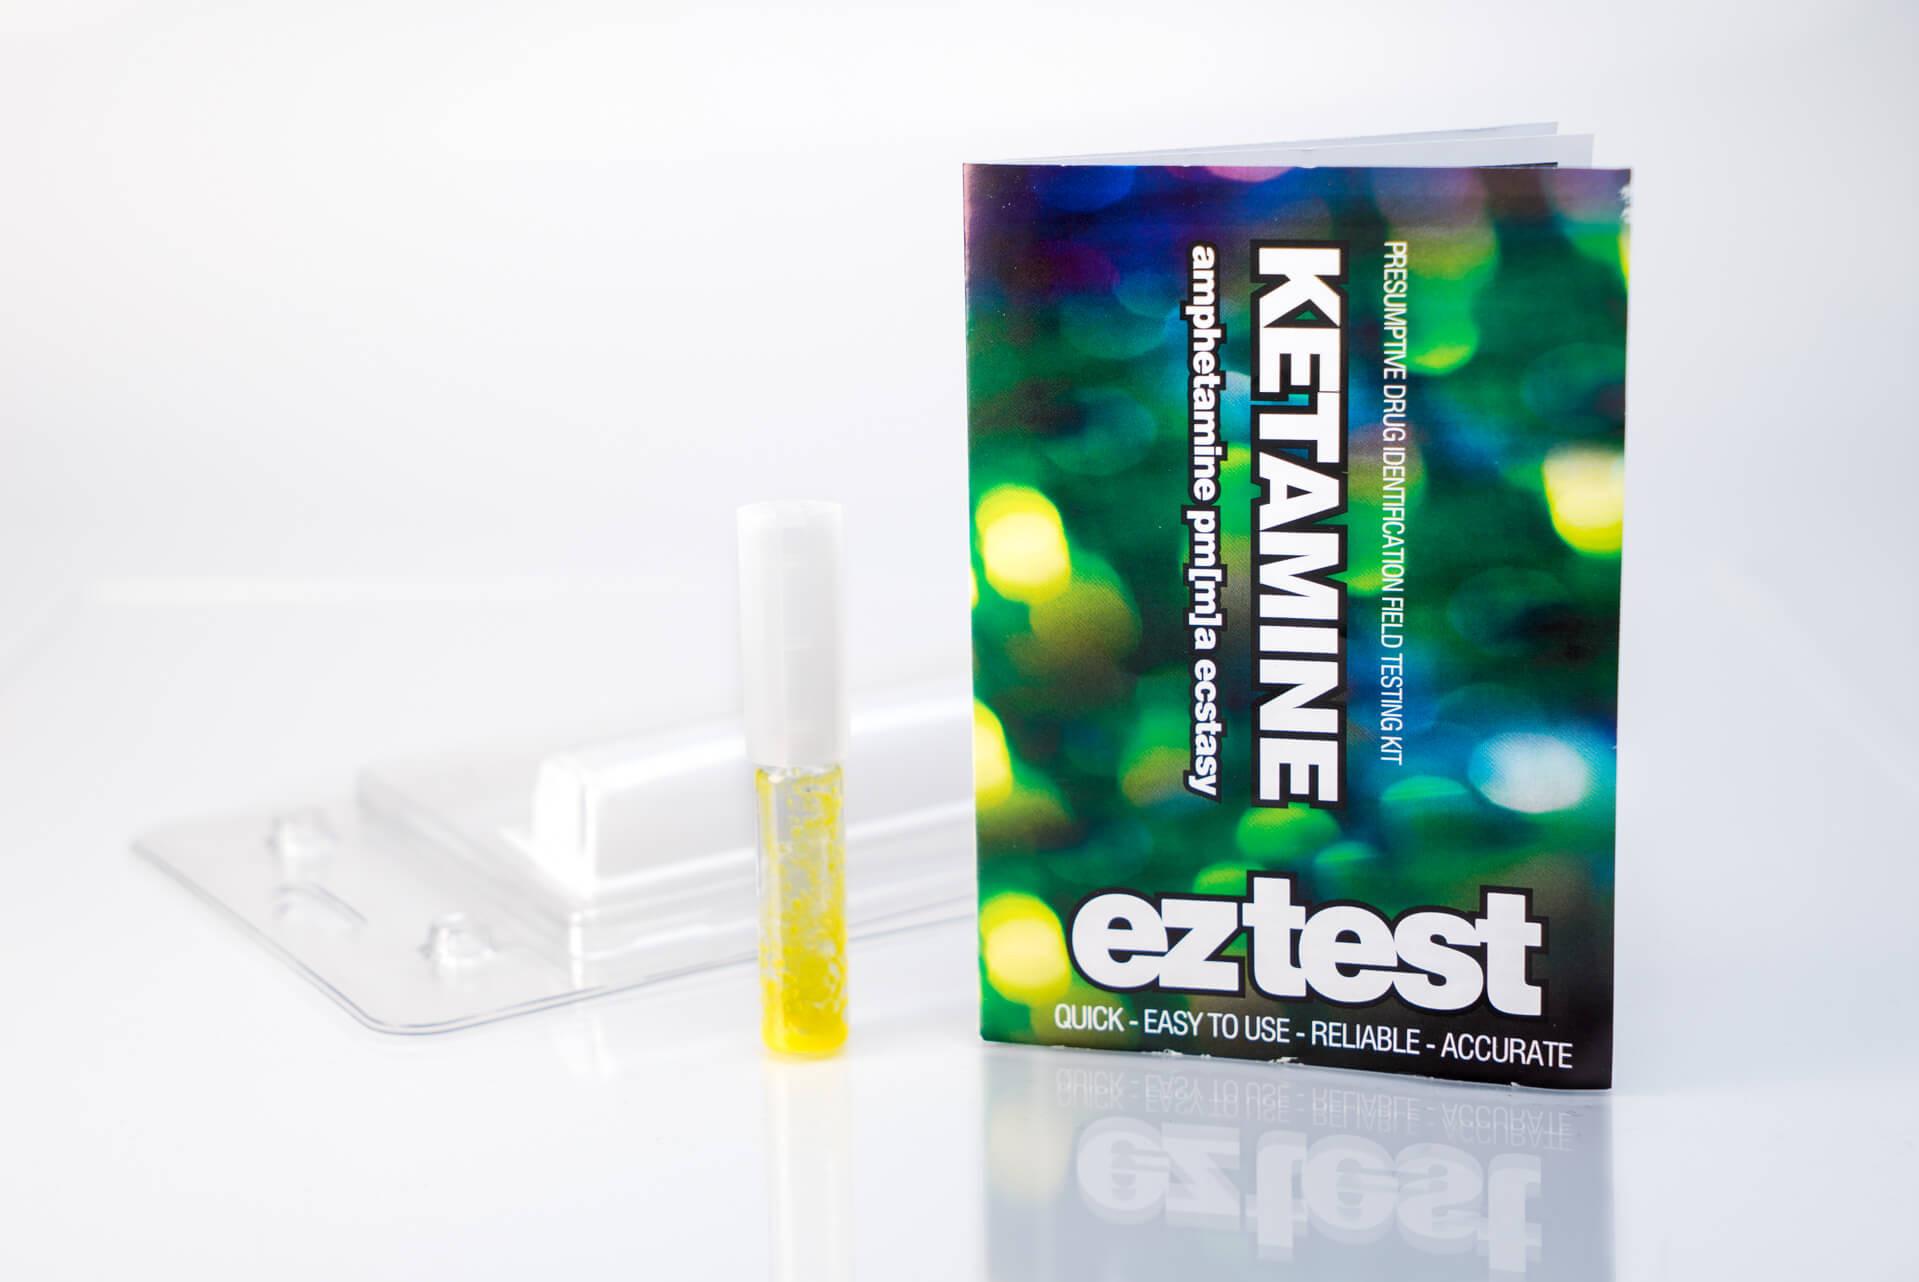 Kit de Prueba de Ketamina de Uso Único